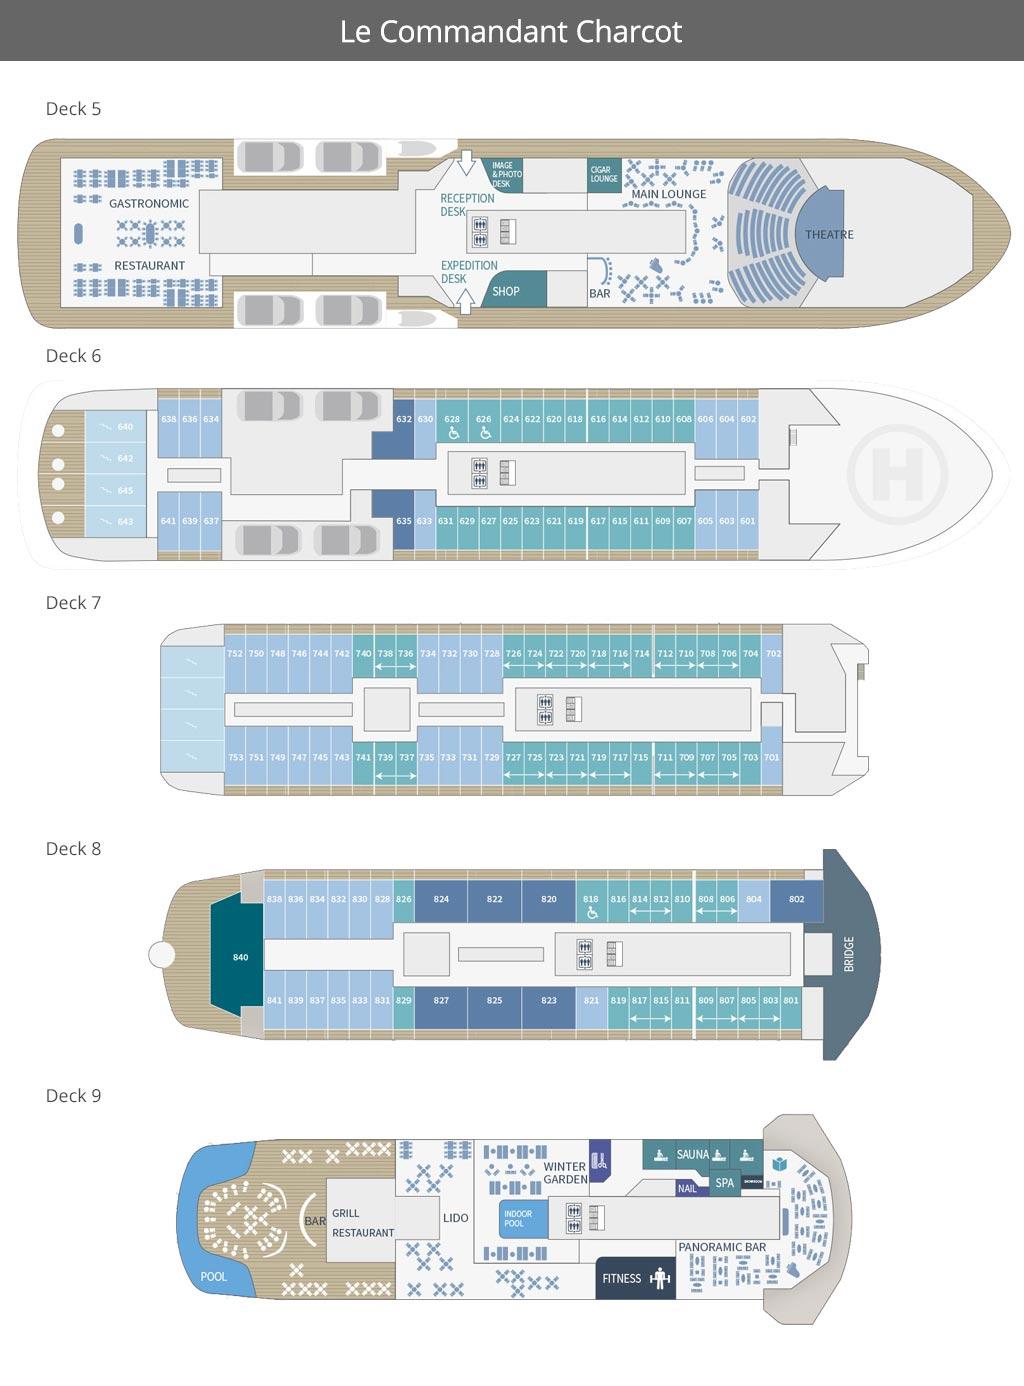 Le Commandant Charcot Deck Plan